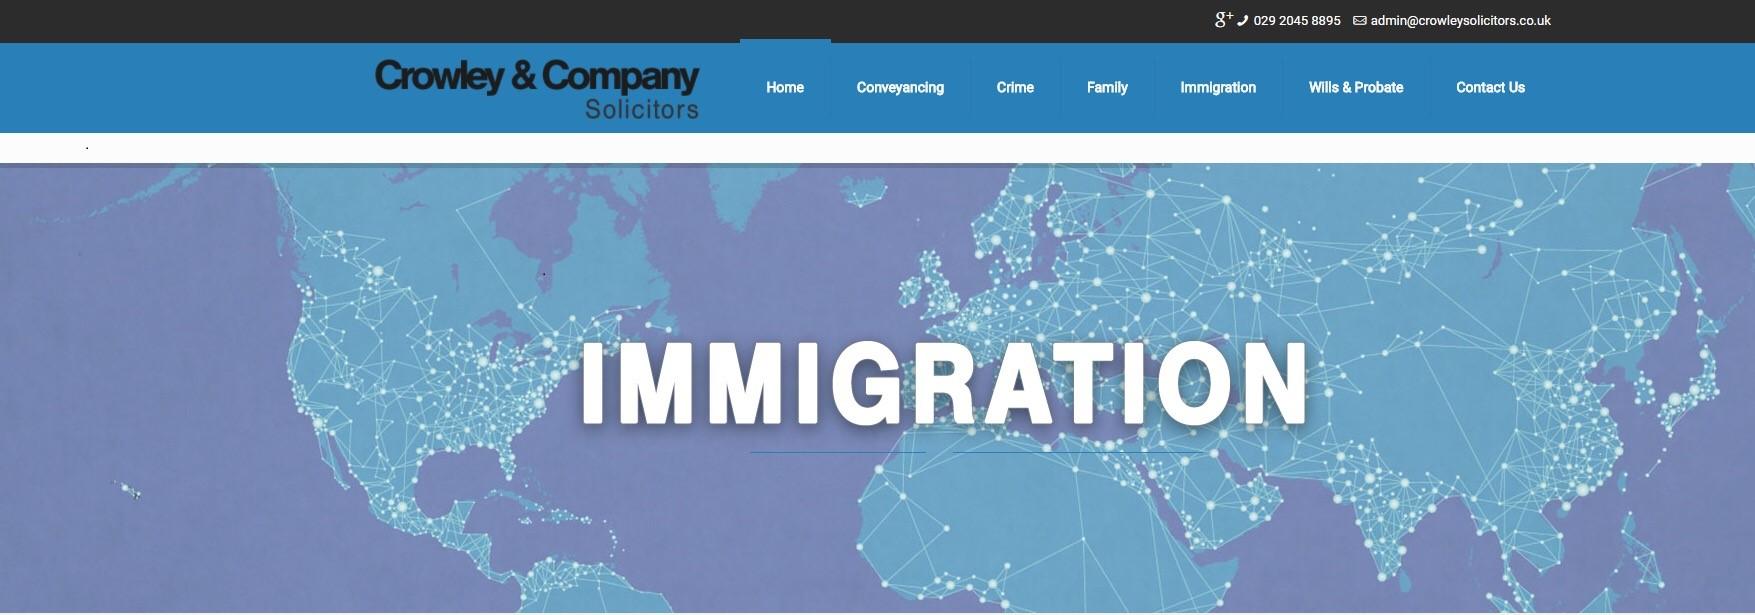 Job ad: Crowley & Company